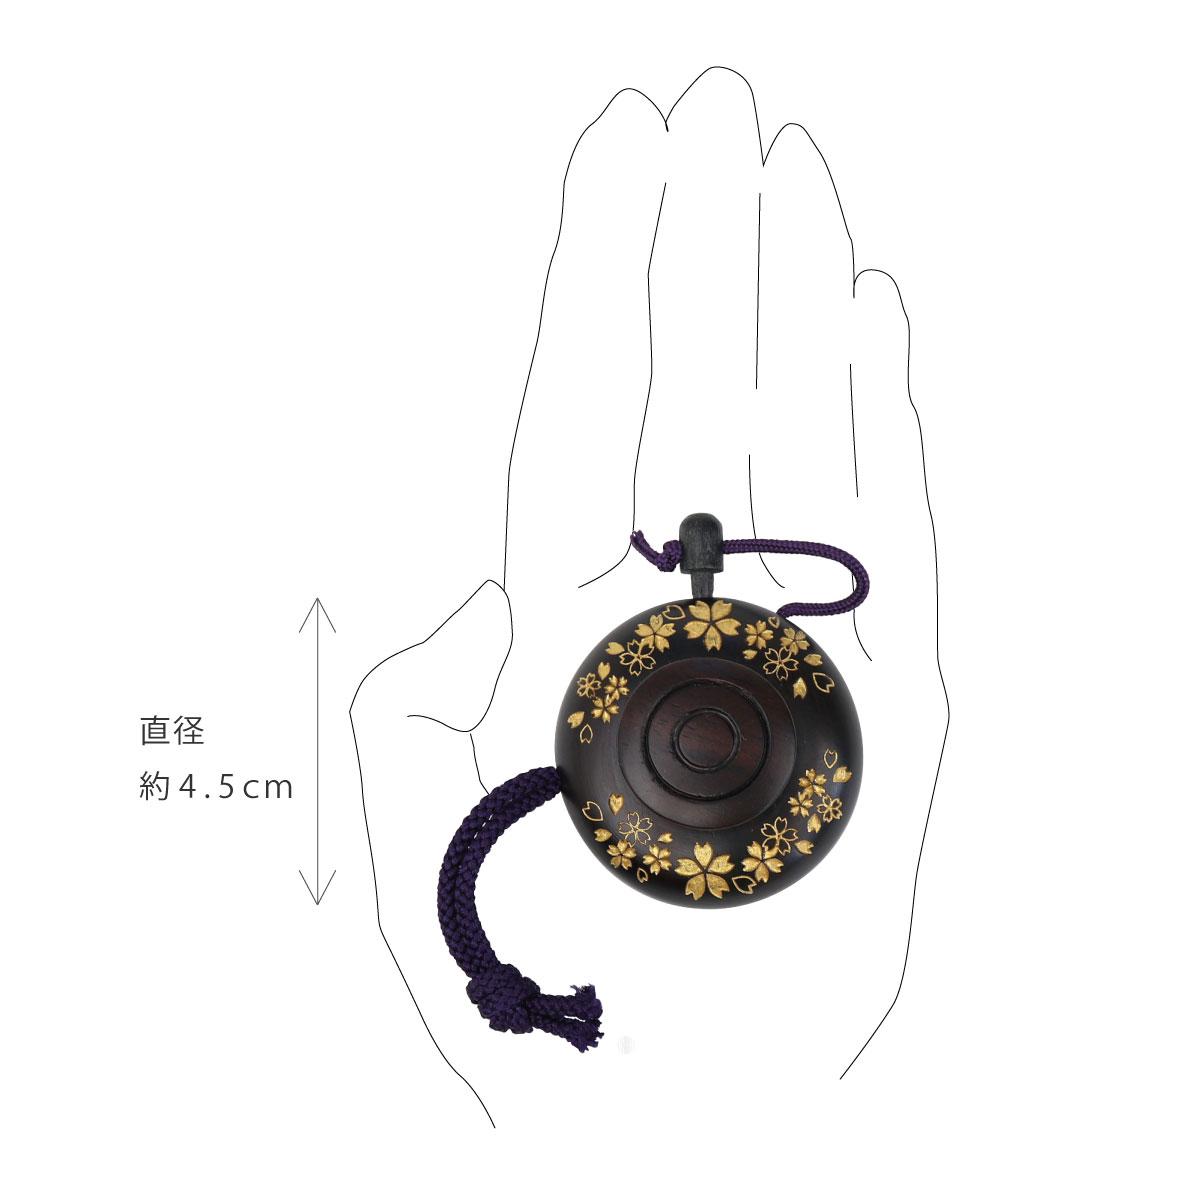 塗香入れ 黒檀 桜彫り 金 (小)